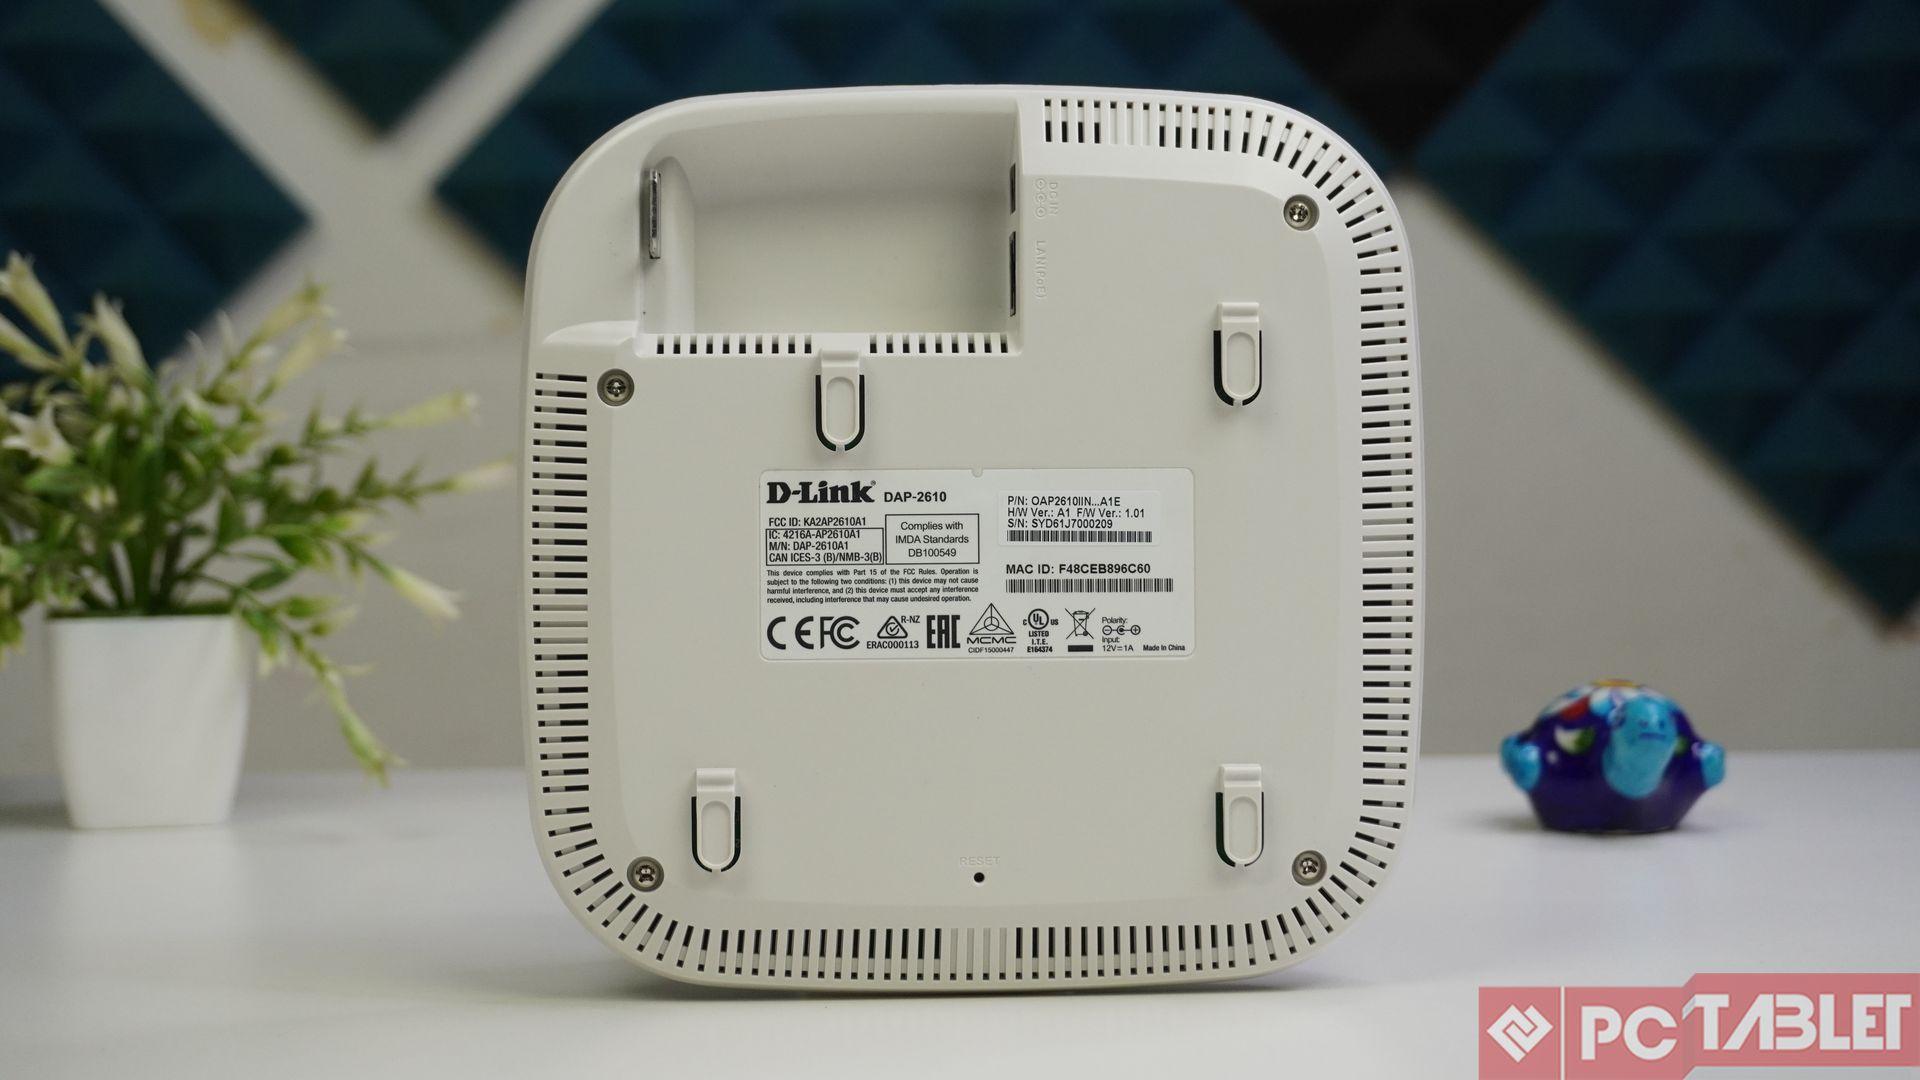 D Link DAP 2610 Dual Band 6